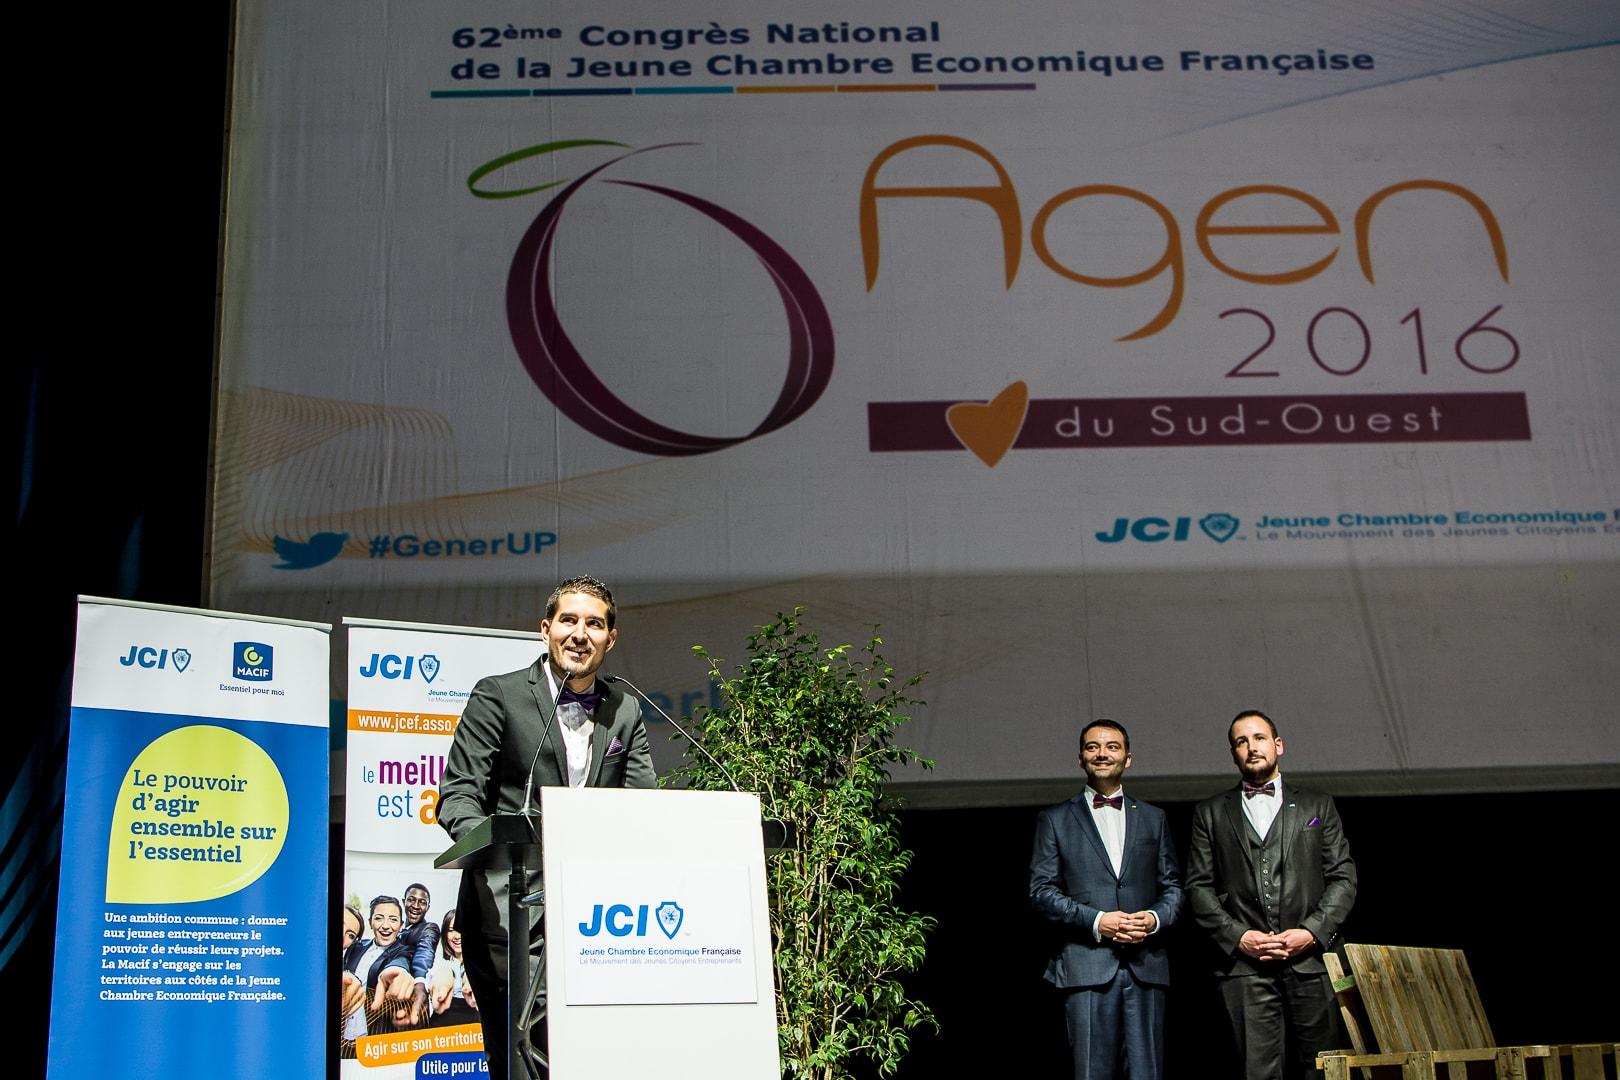 trezors-photography-photographe-professionnel-toulouse-31-corporate-congres-jci-mathieu